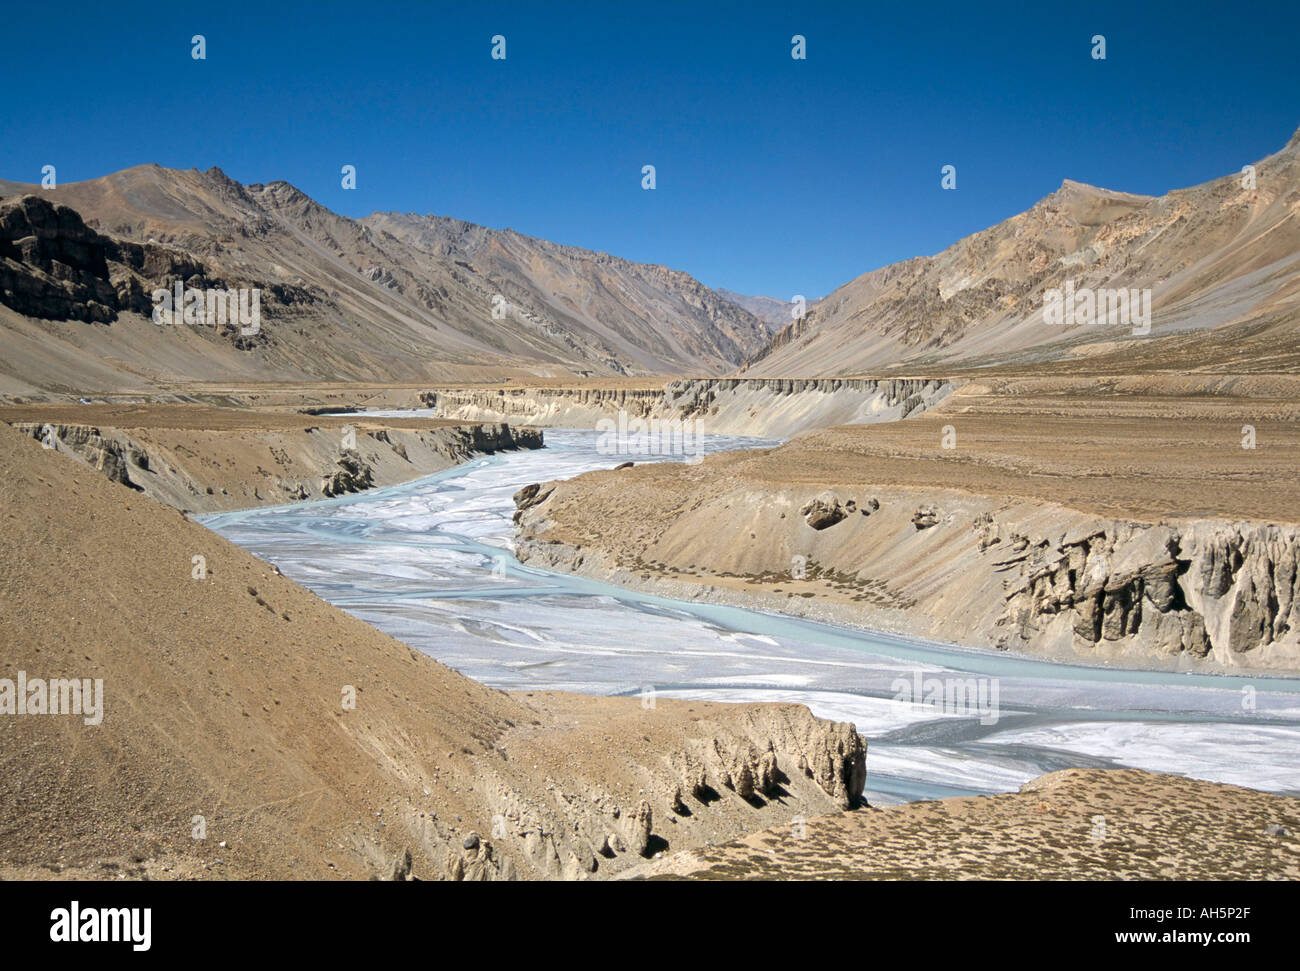 Himalayand Stock Photos Himalayand Stock Images Alamy